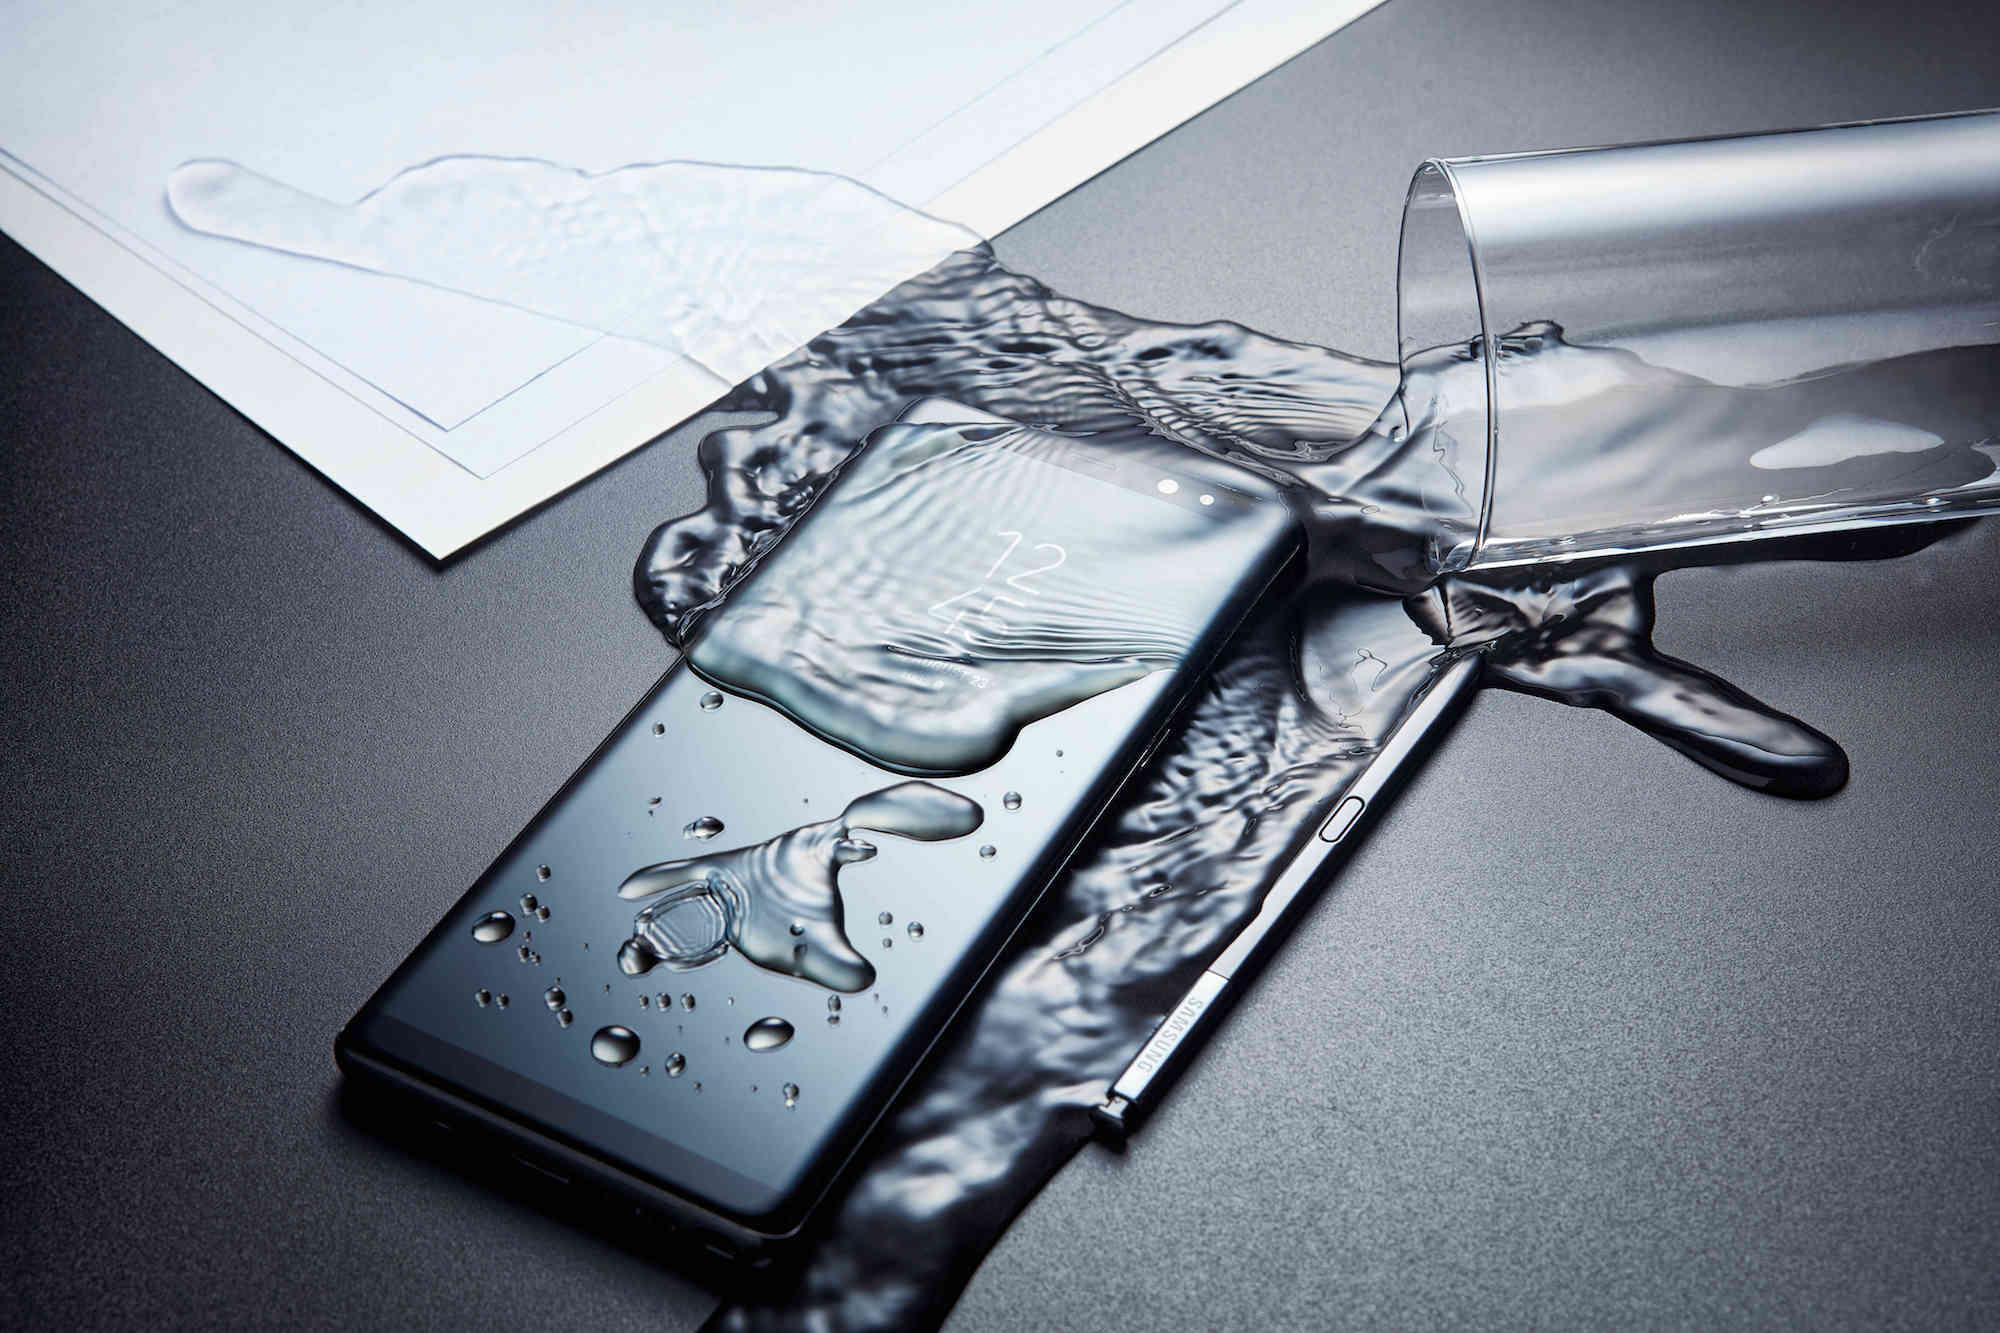 galaxy-note8-s-pen-water